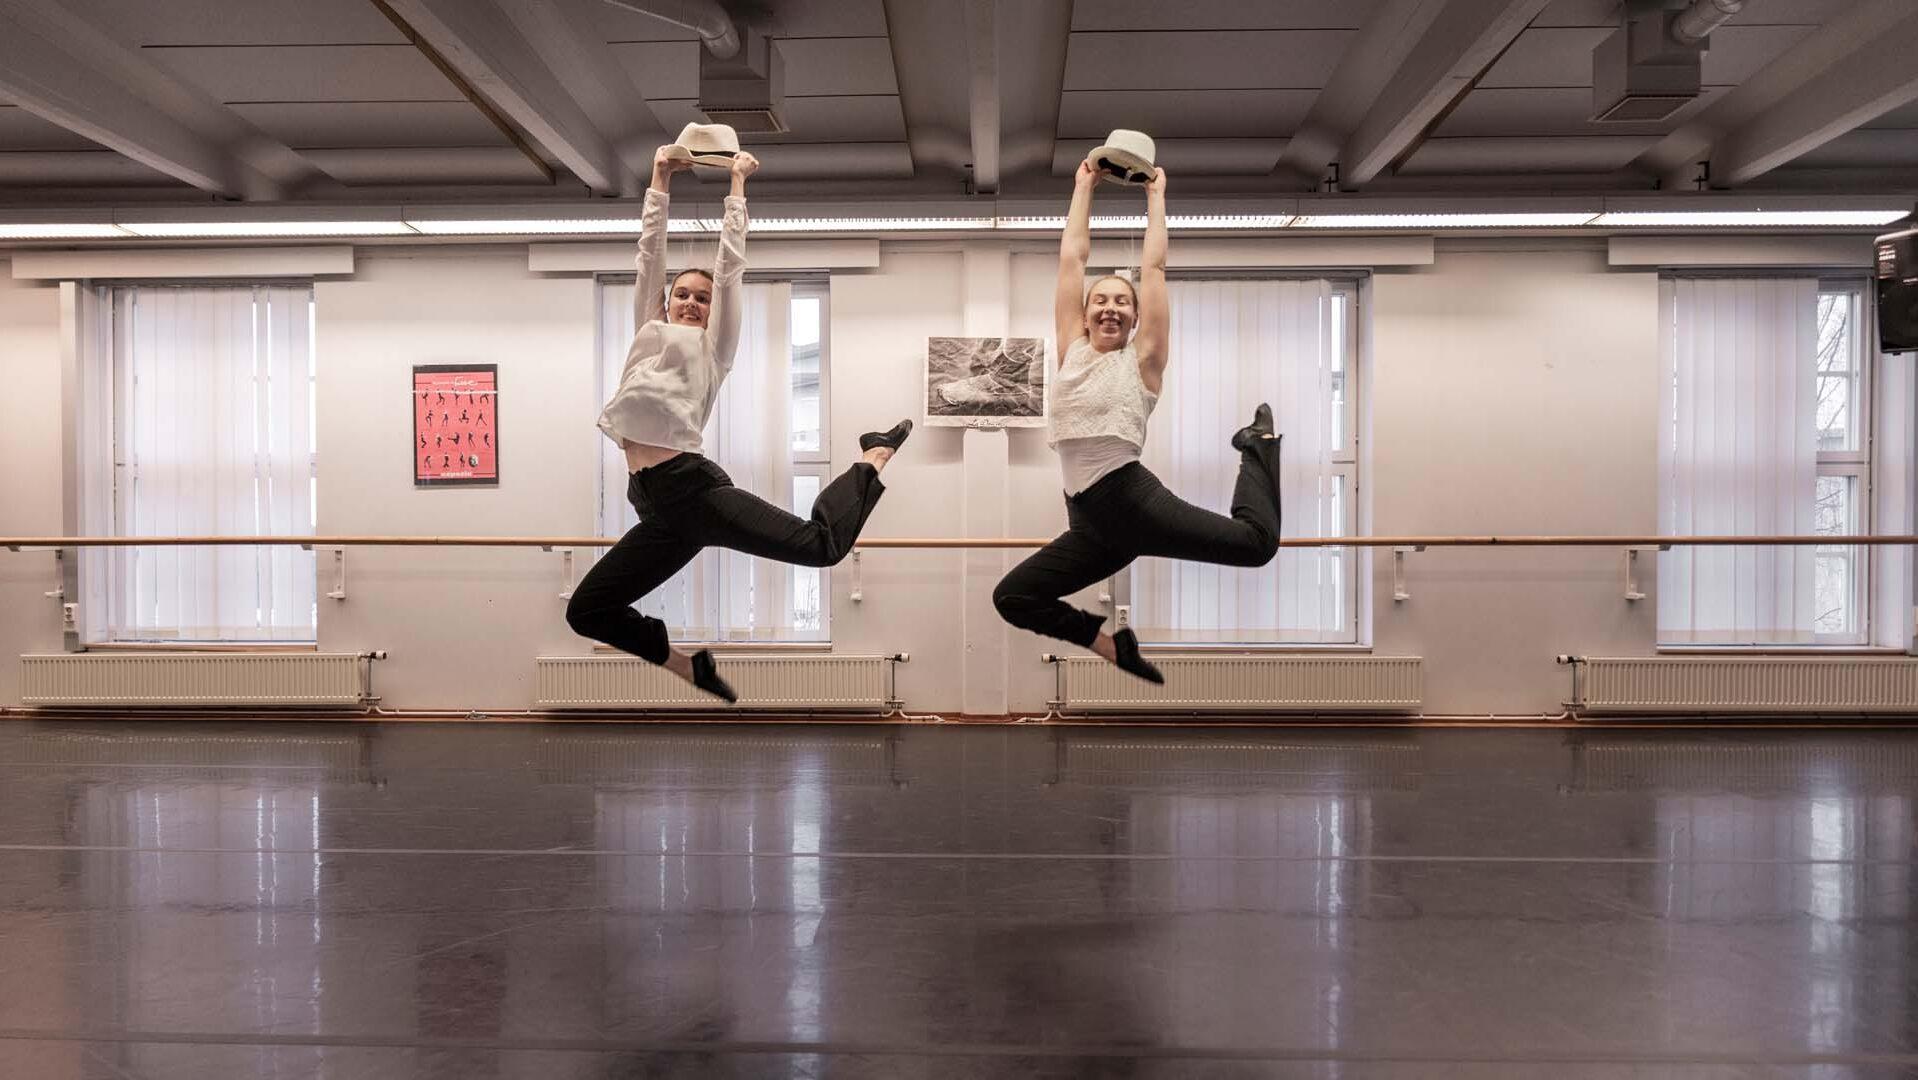 Kaksi tanssijaa esityksessä.